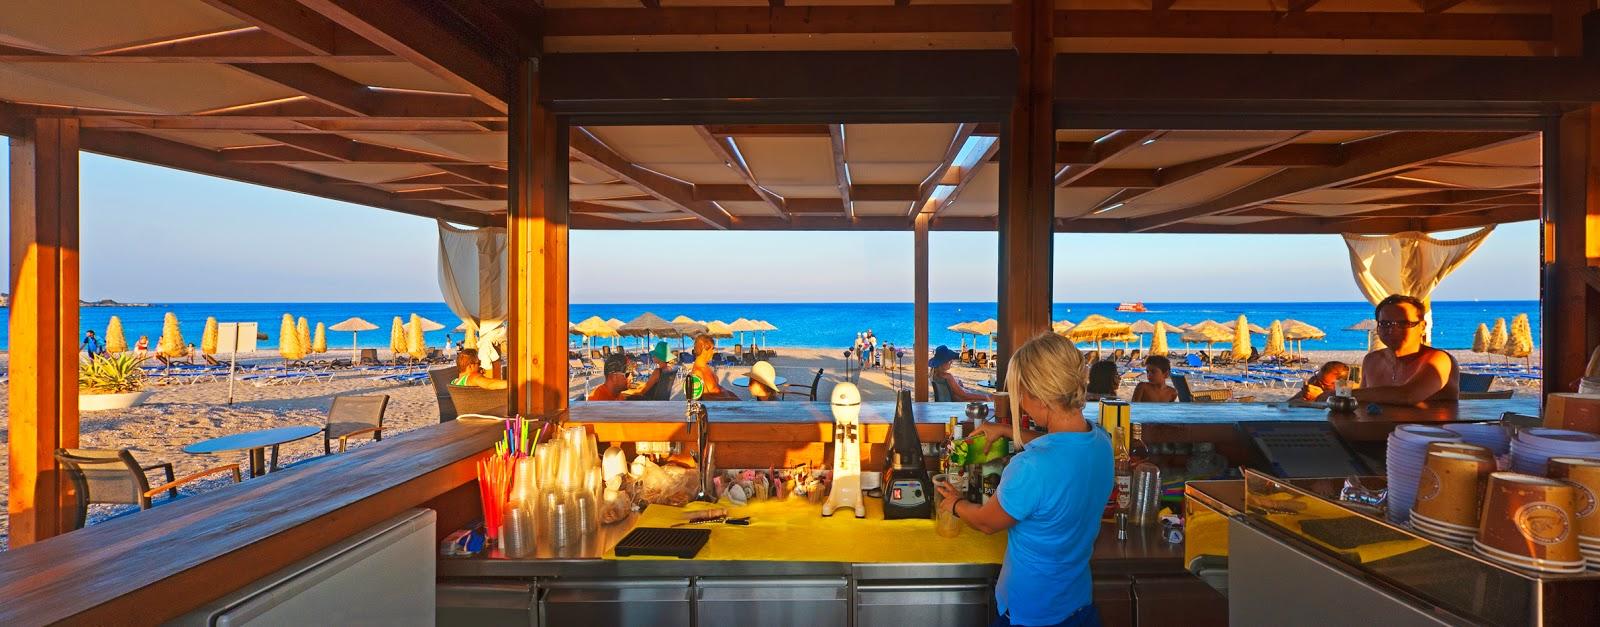 baretto sulla spiaggia mollo tutto e apro un bar all estero sul mare pensionati all estero